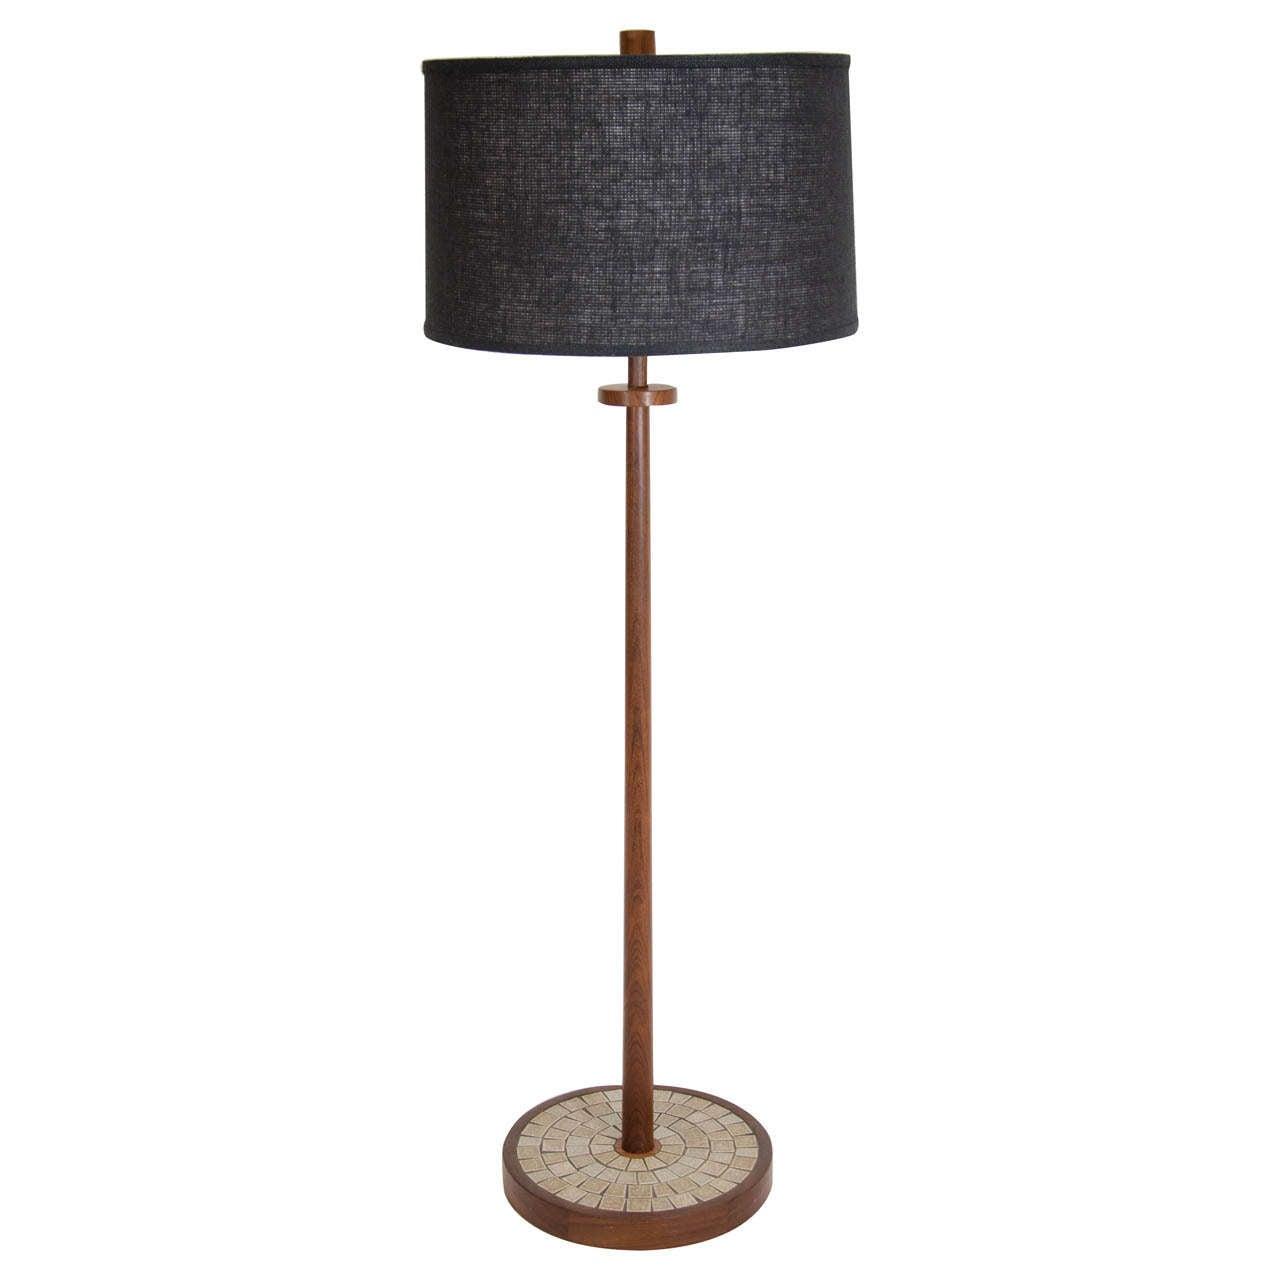 Martz walnut floor lamp with tile base for sale at 1stdibs martz walnut floor lamp with tile base for sale aloadofball Images